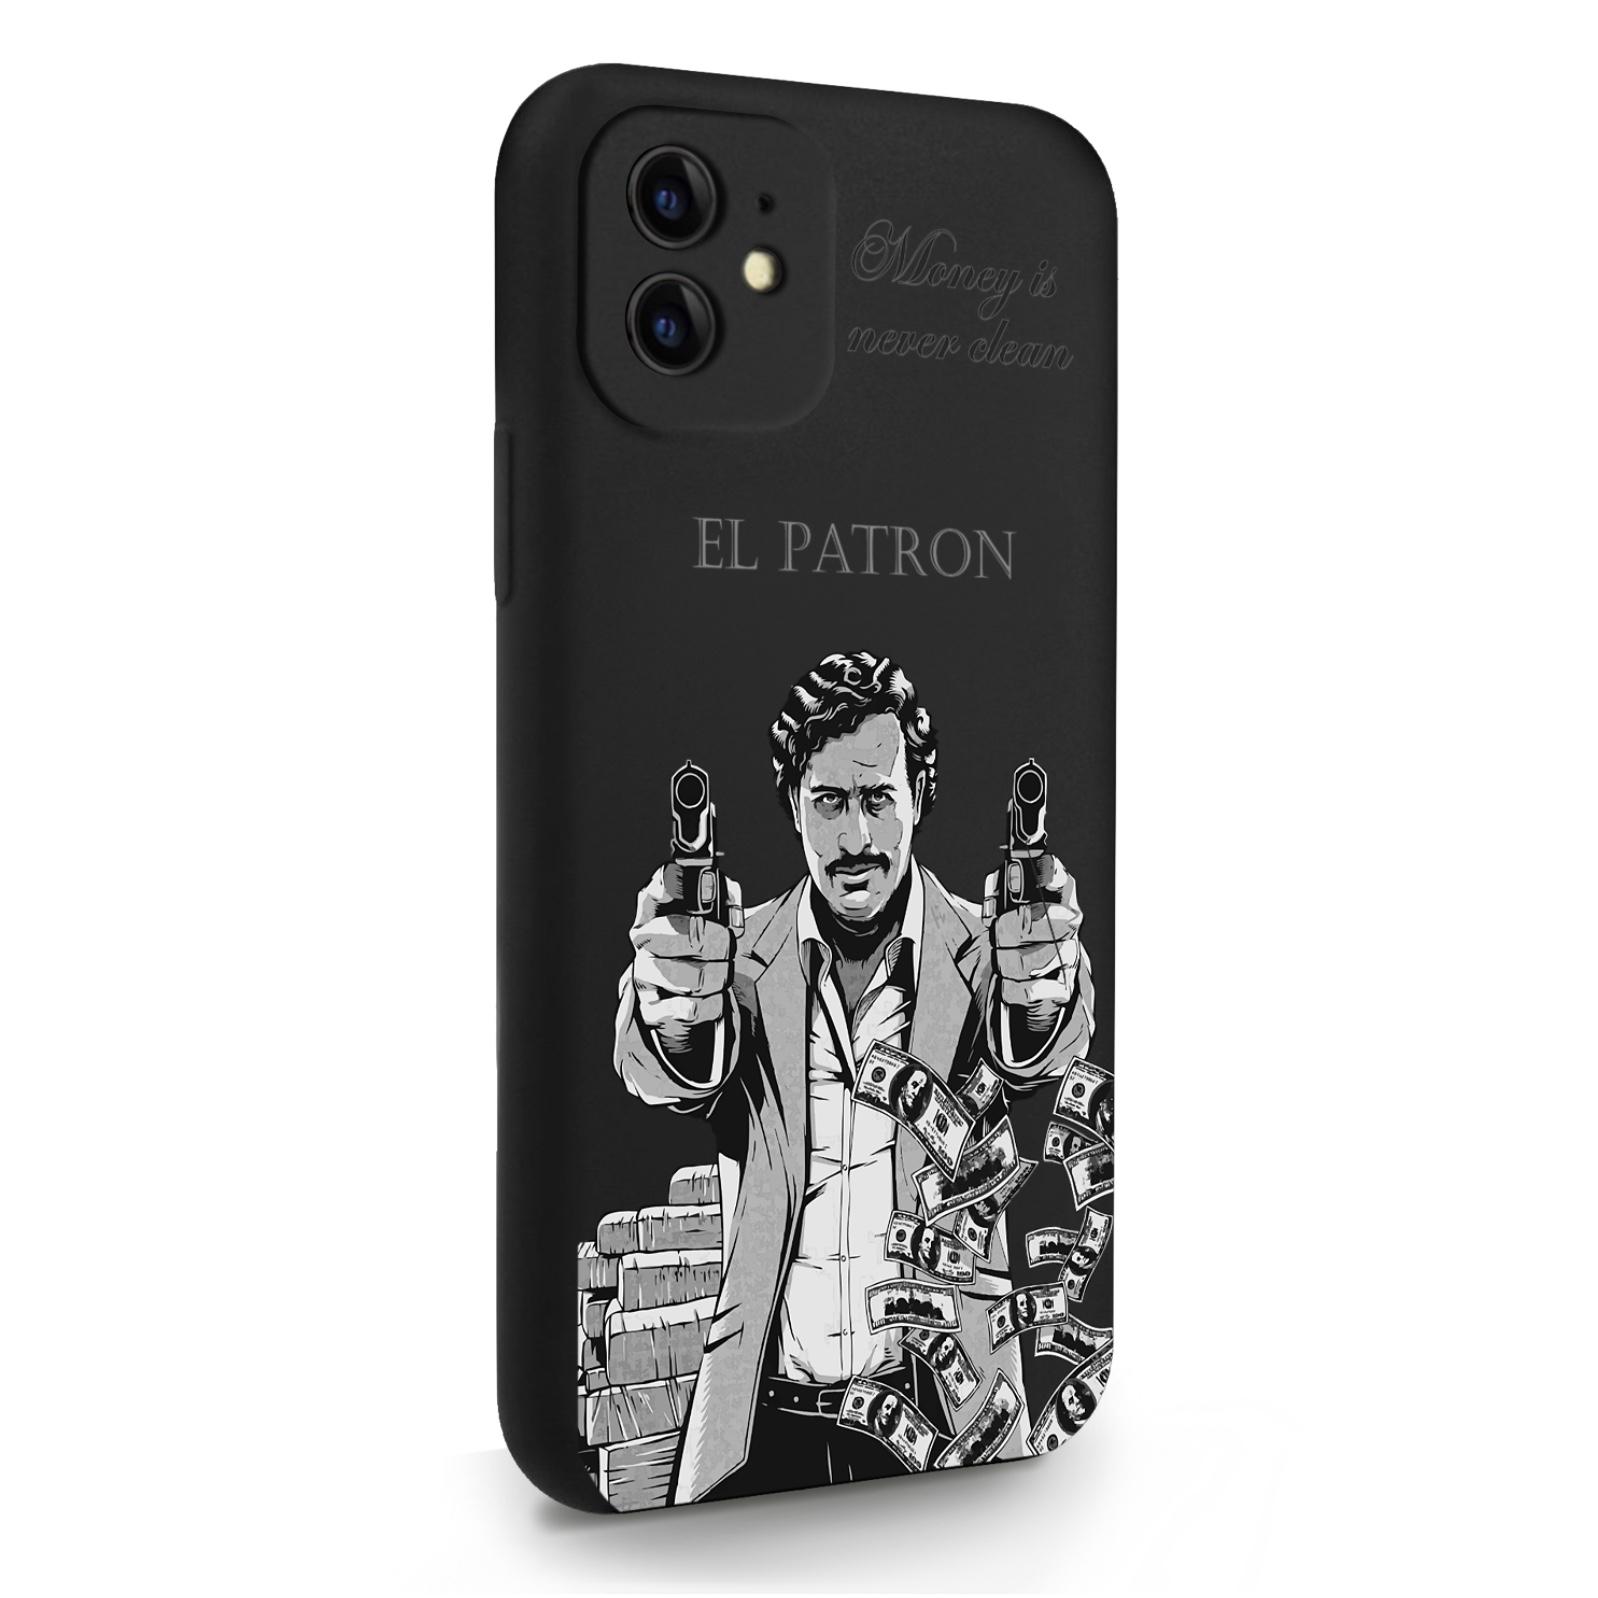 Черный силиконовый чехол для iPhone 11 El Patron Pablo Escobar/ Пабло Эскобар для Айфон 11